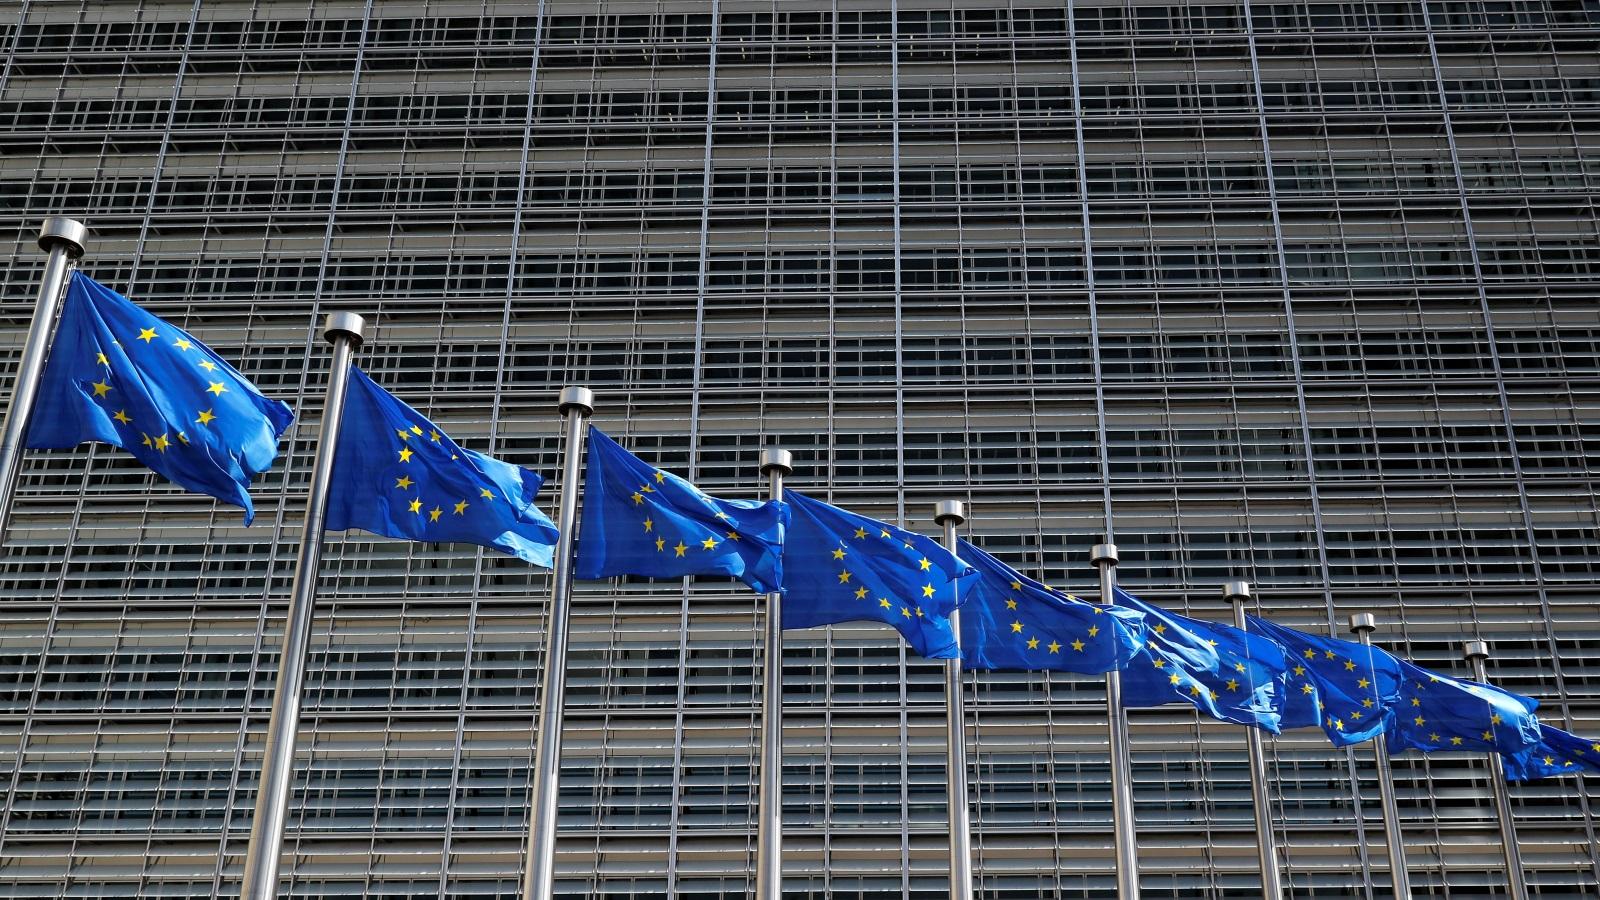 الاتحاد الأوروبي يحذر من التصعيد بين واشنطن وطهران